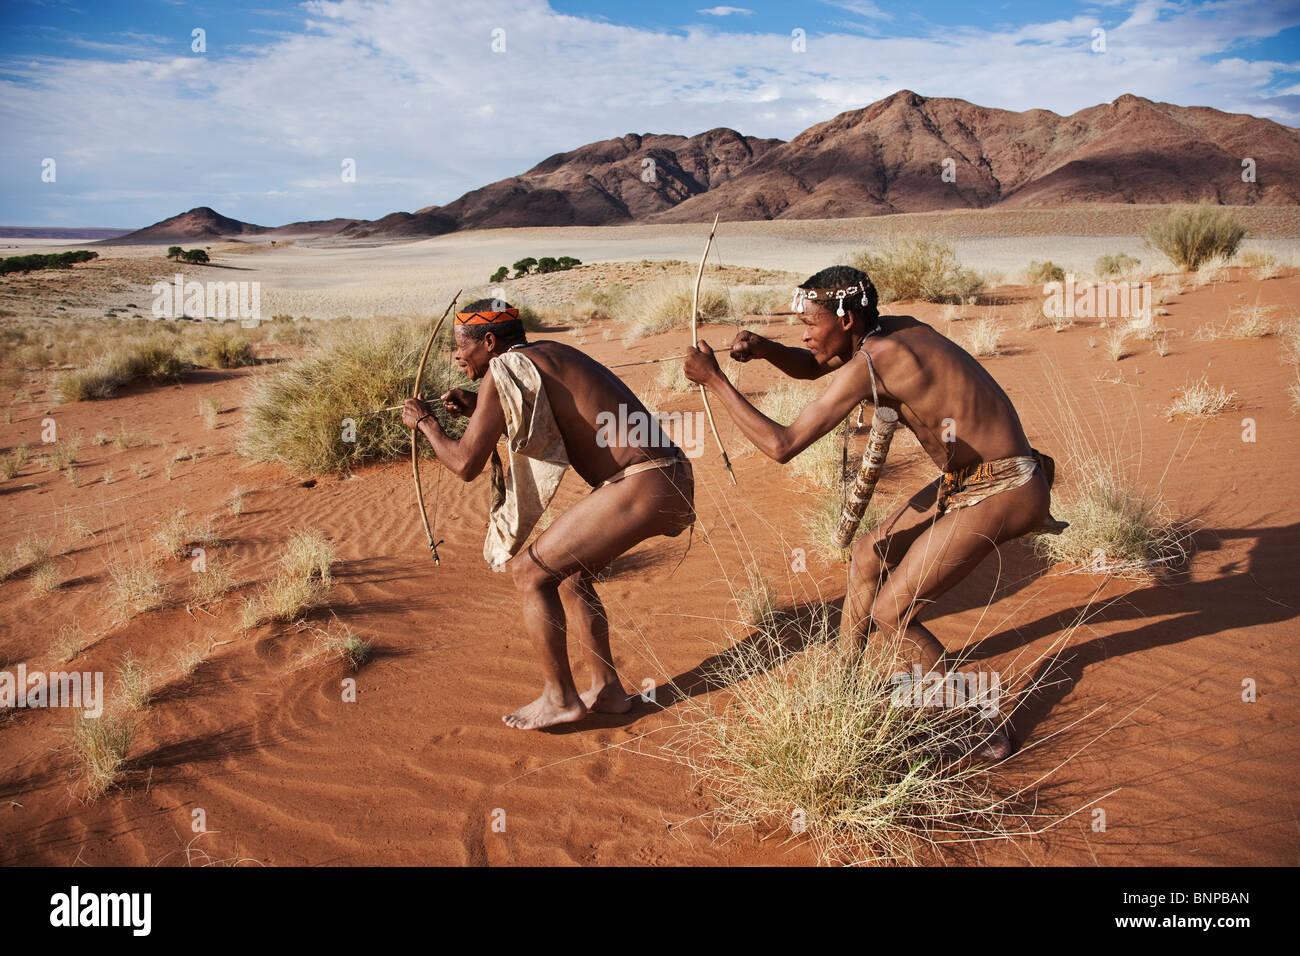 Buschmann/San Menschen. Männliche San-Jäger mit traditionellen Pfeil und Bogen bewaffnet Stockbild